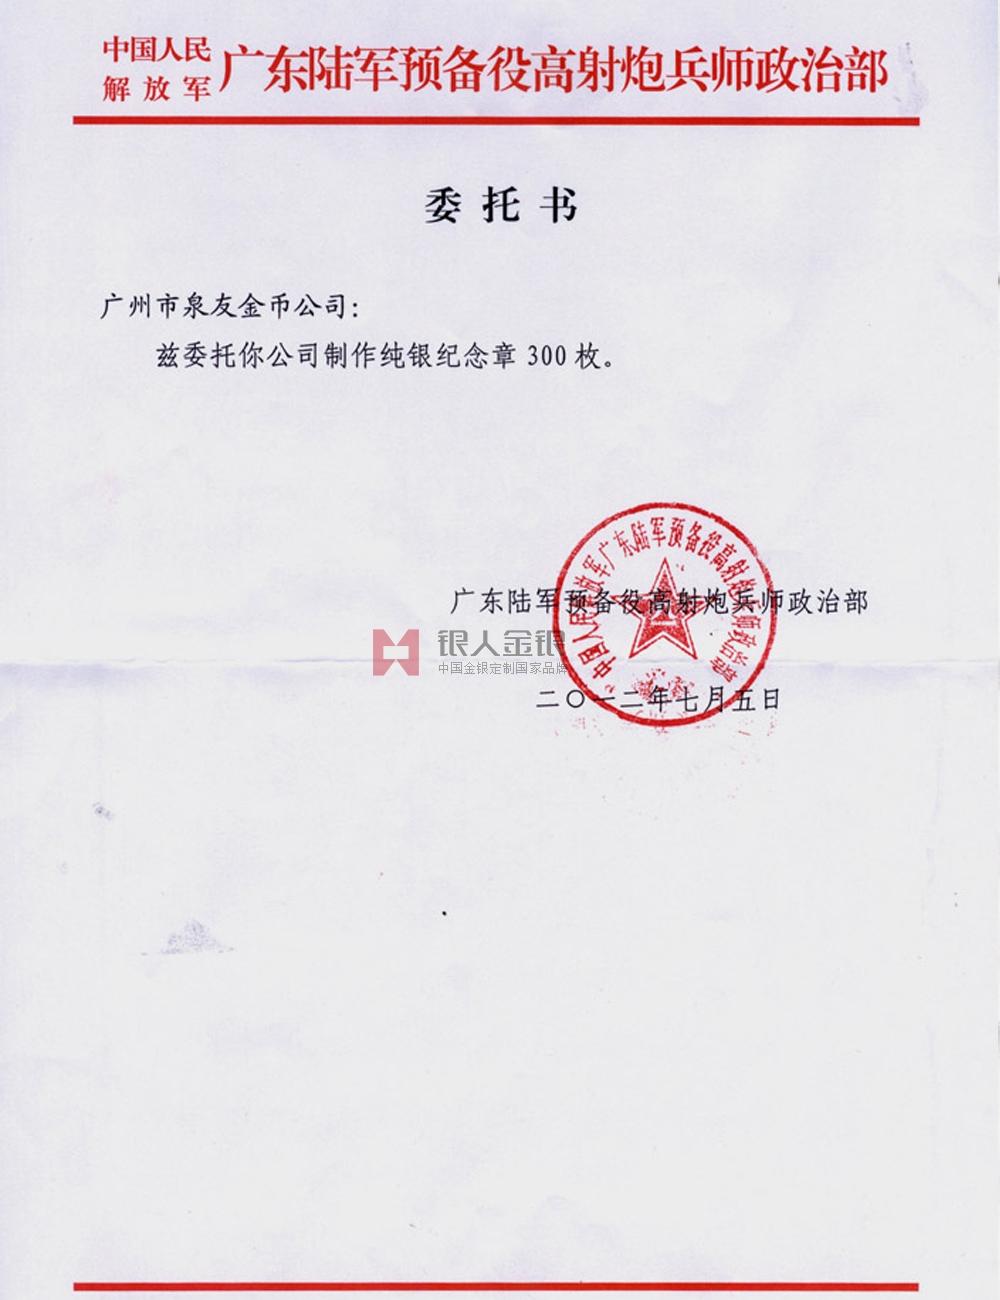 广东省军区银币万博maxbet客户端下载万博体育app官方下载